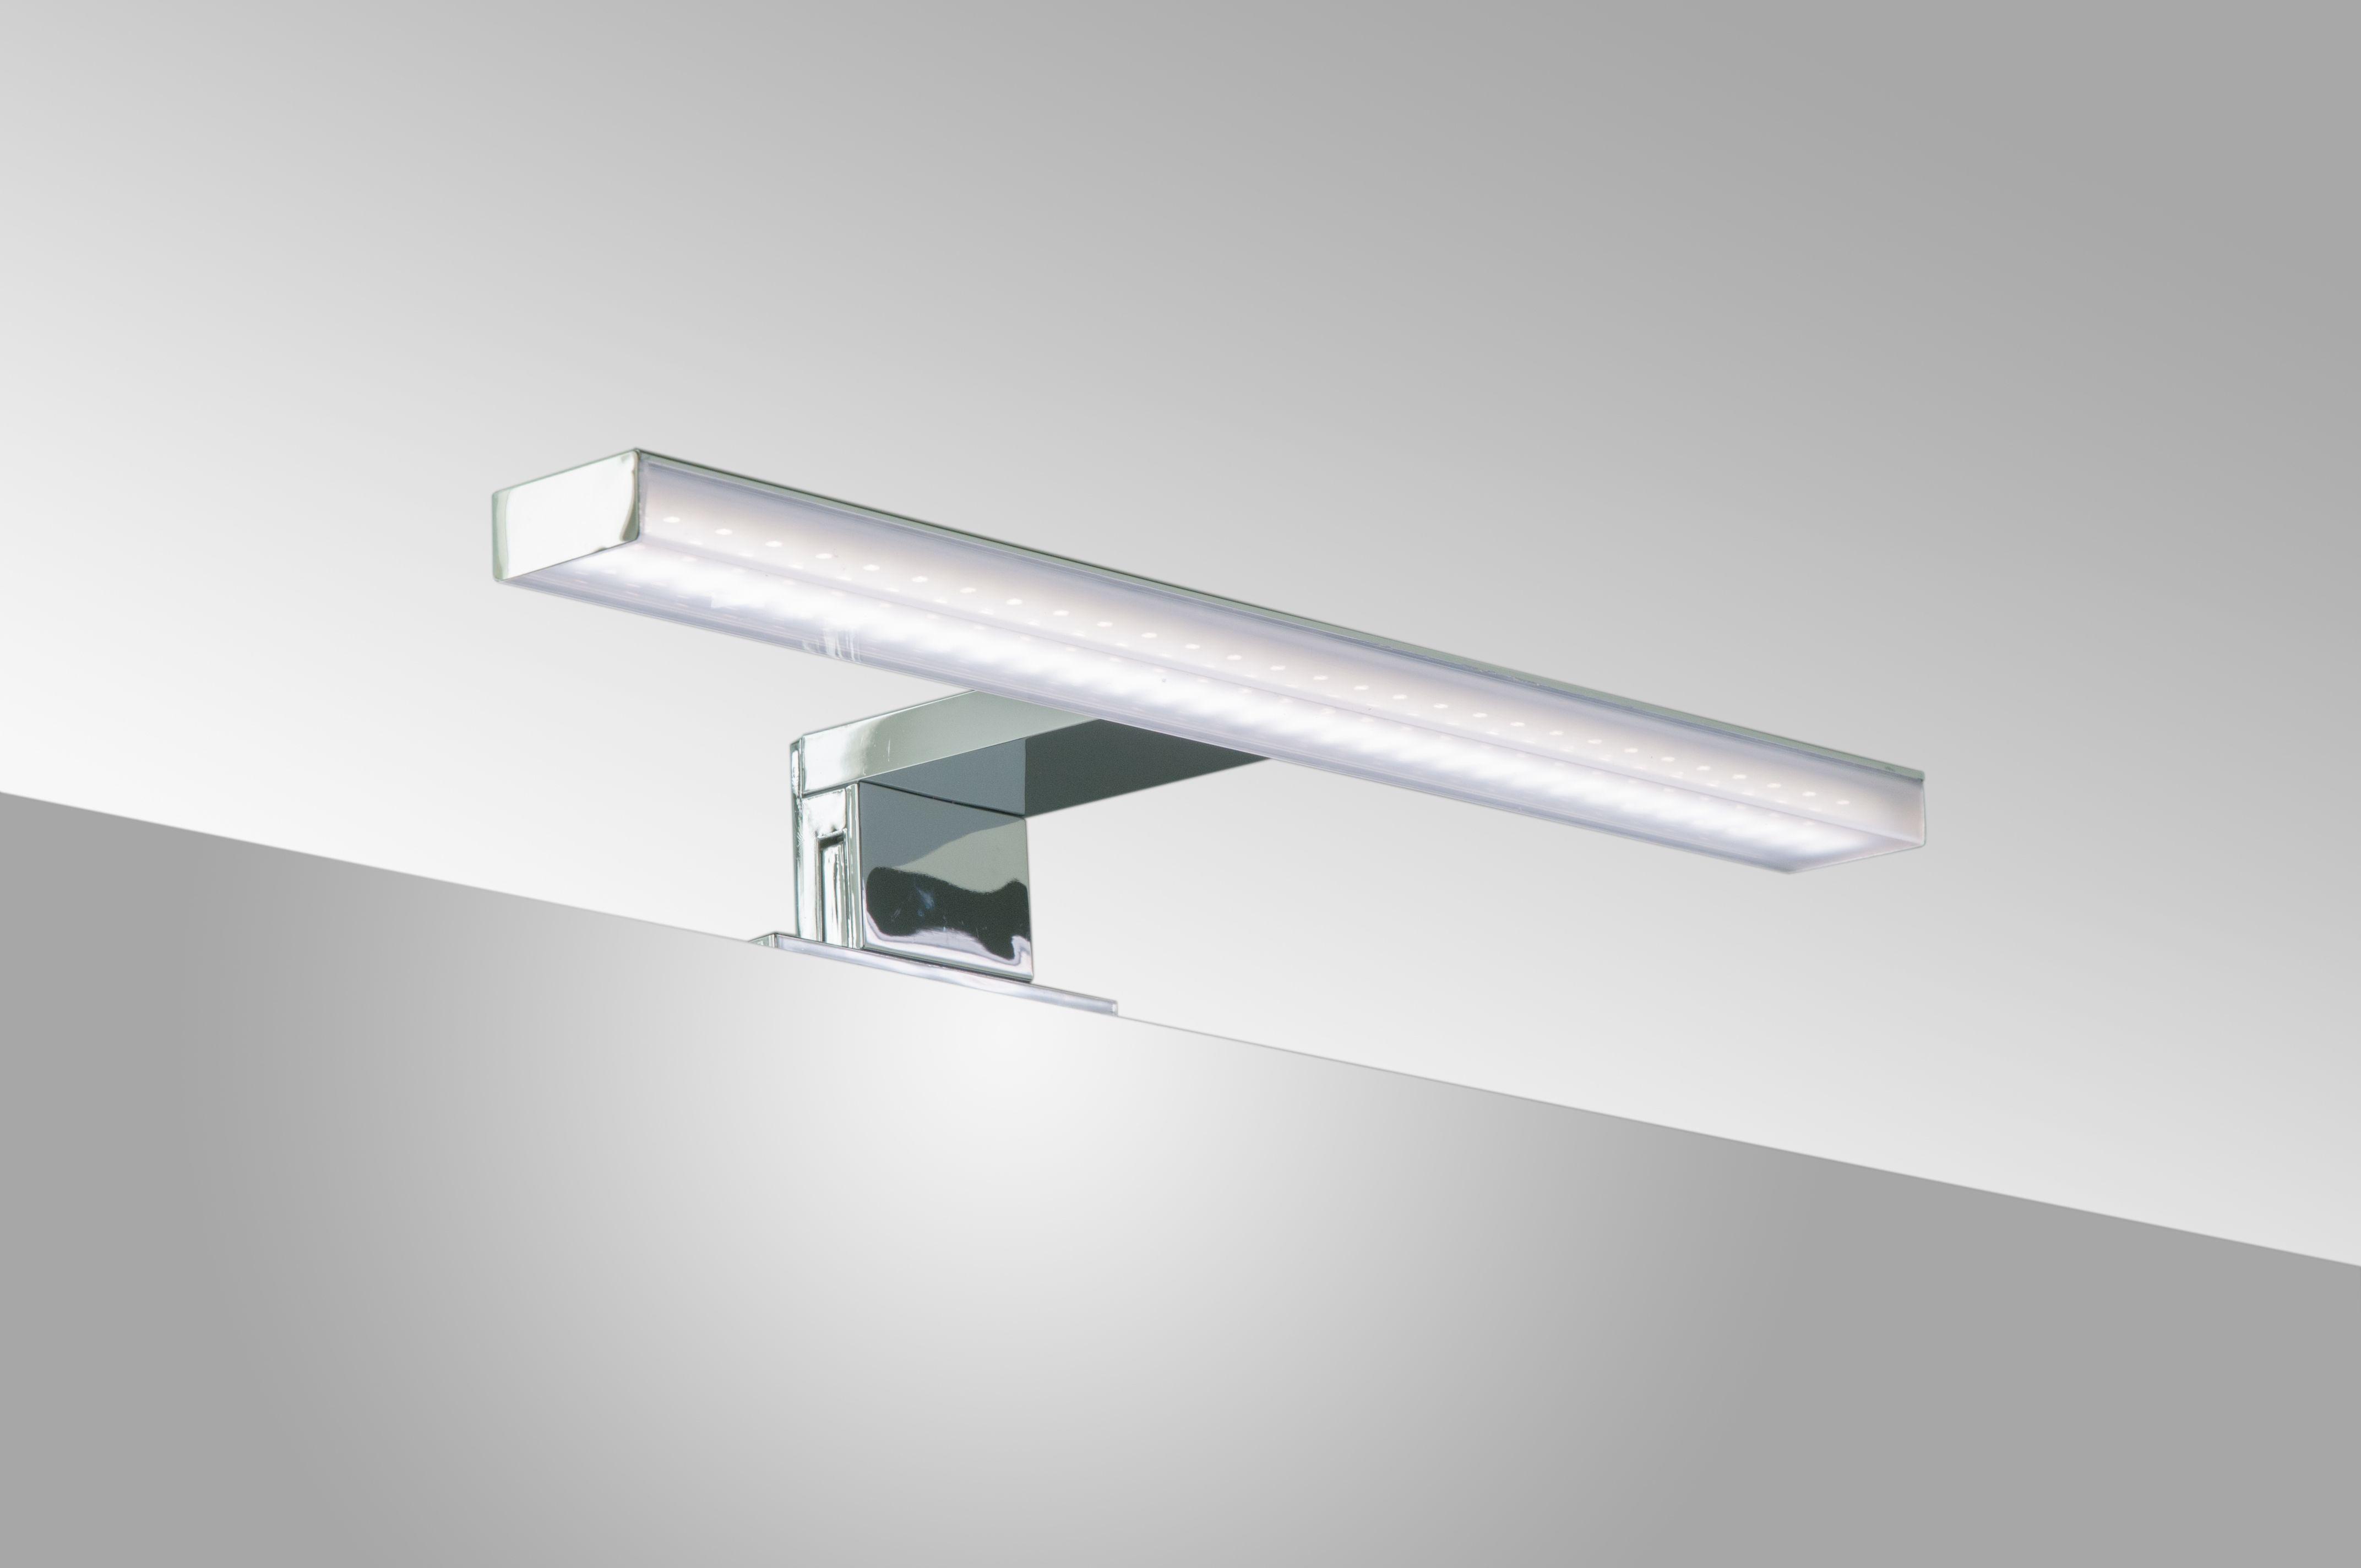 Foco led para acoplar a tu espejo de 30 cm. 4.8 w , bajo ...